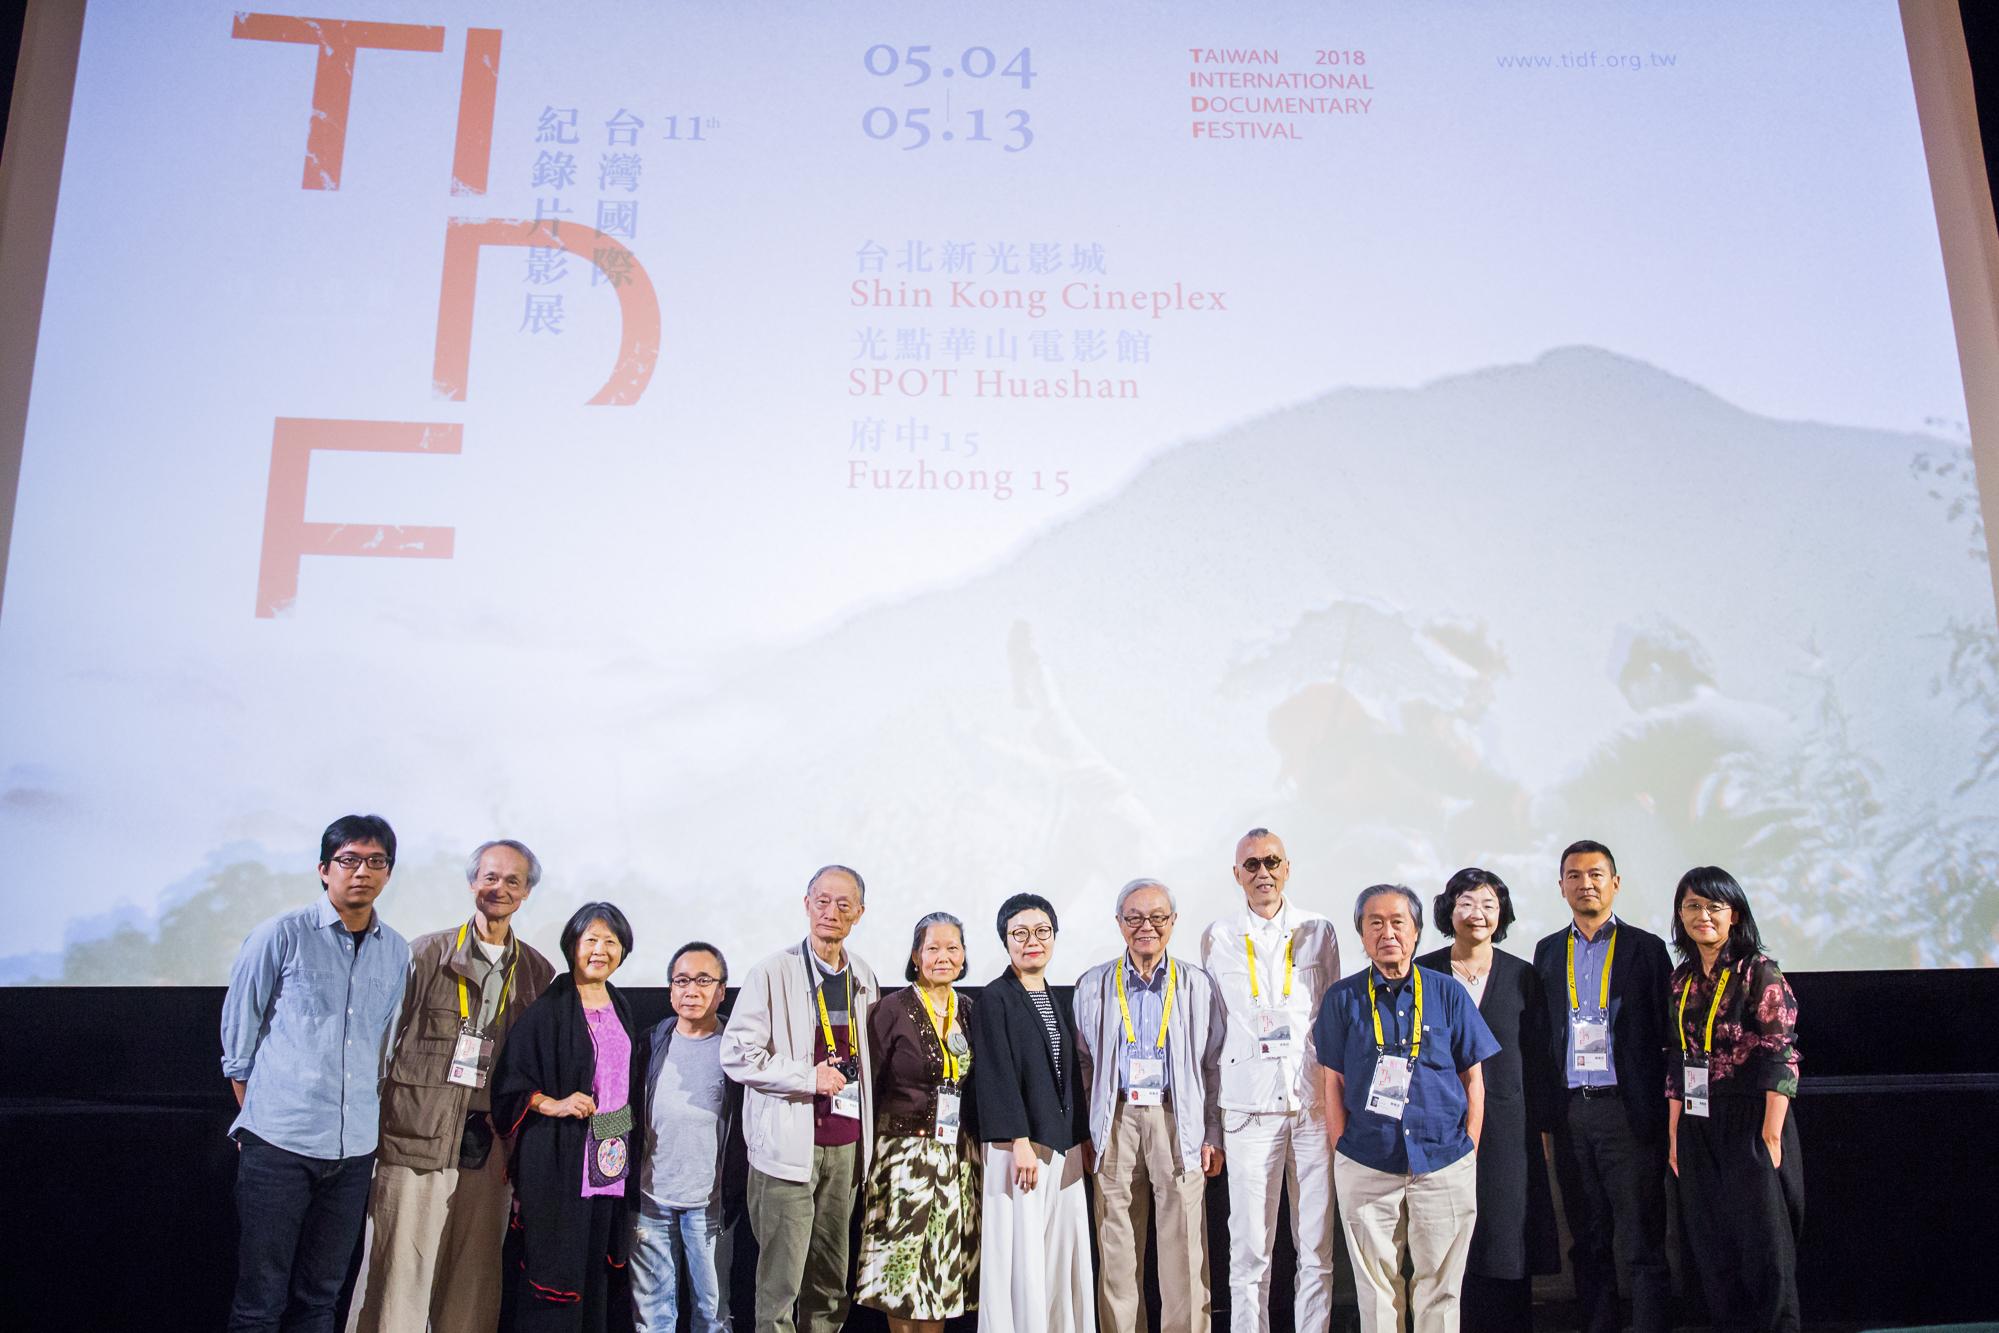 第11屆「台灣國際紀錄片影展(TIDF)」開幕典禮